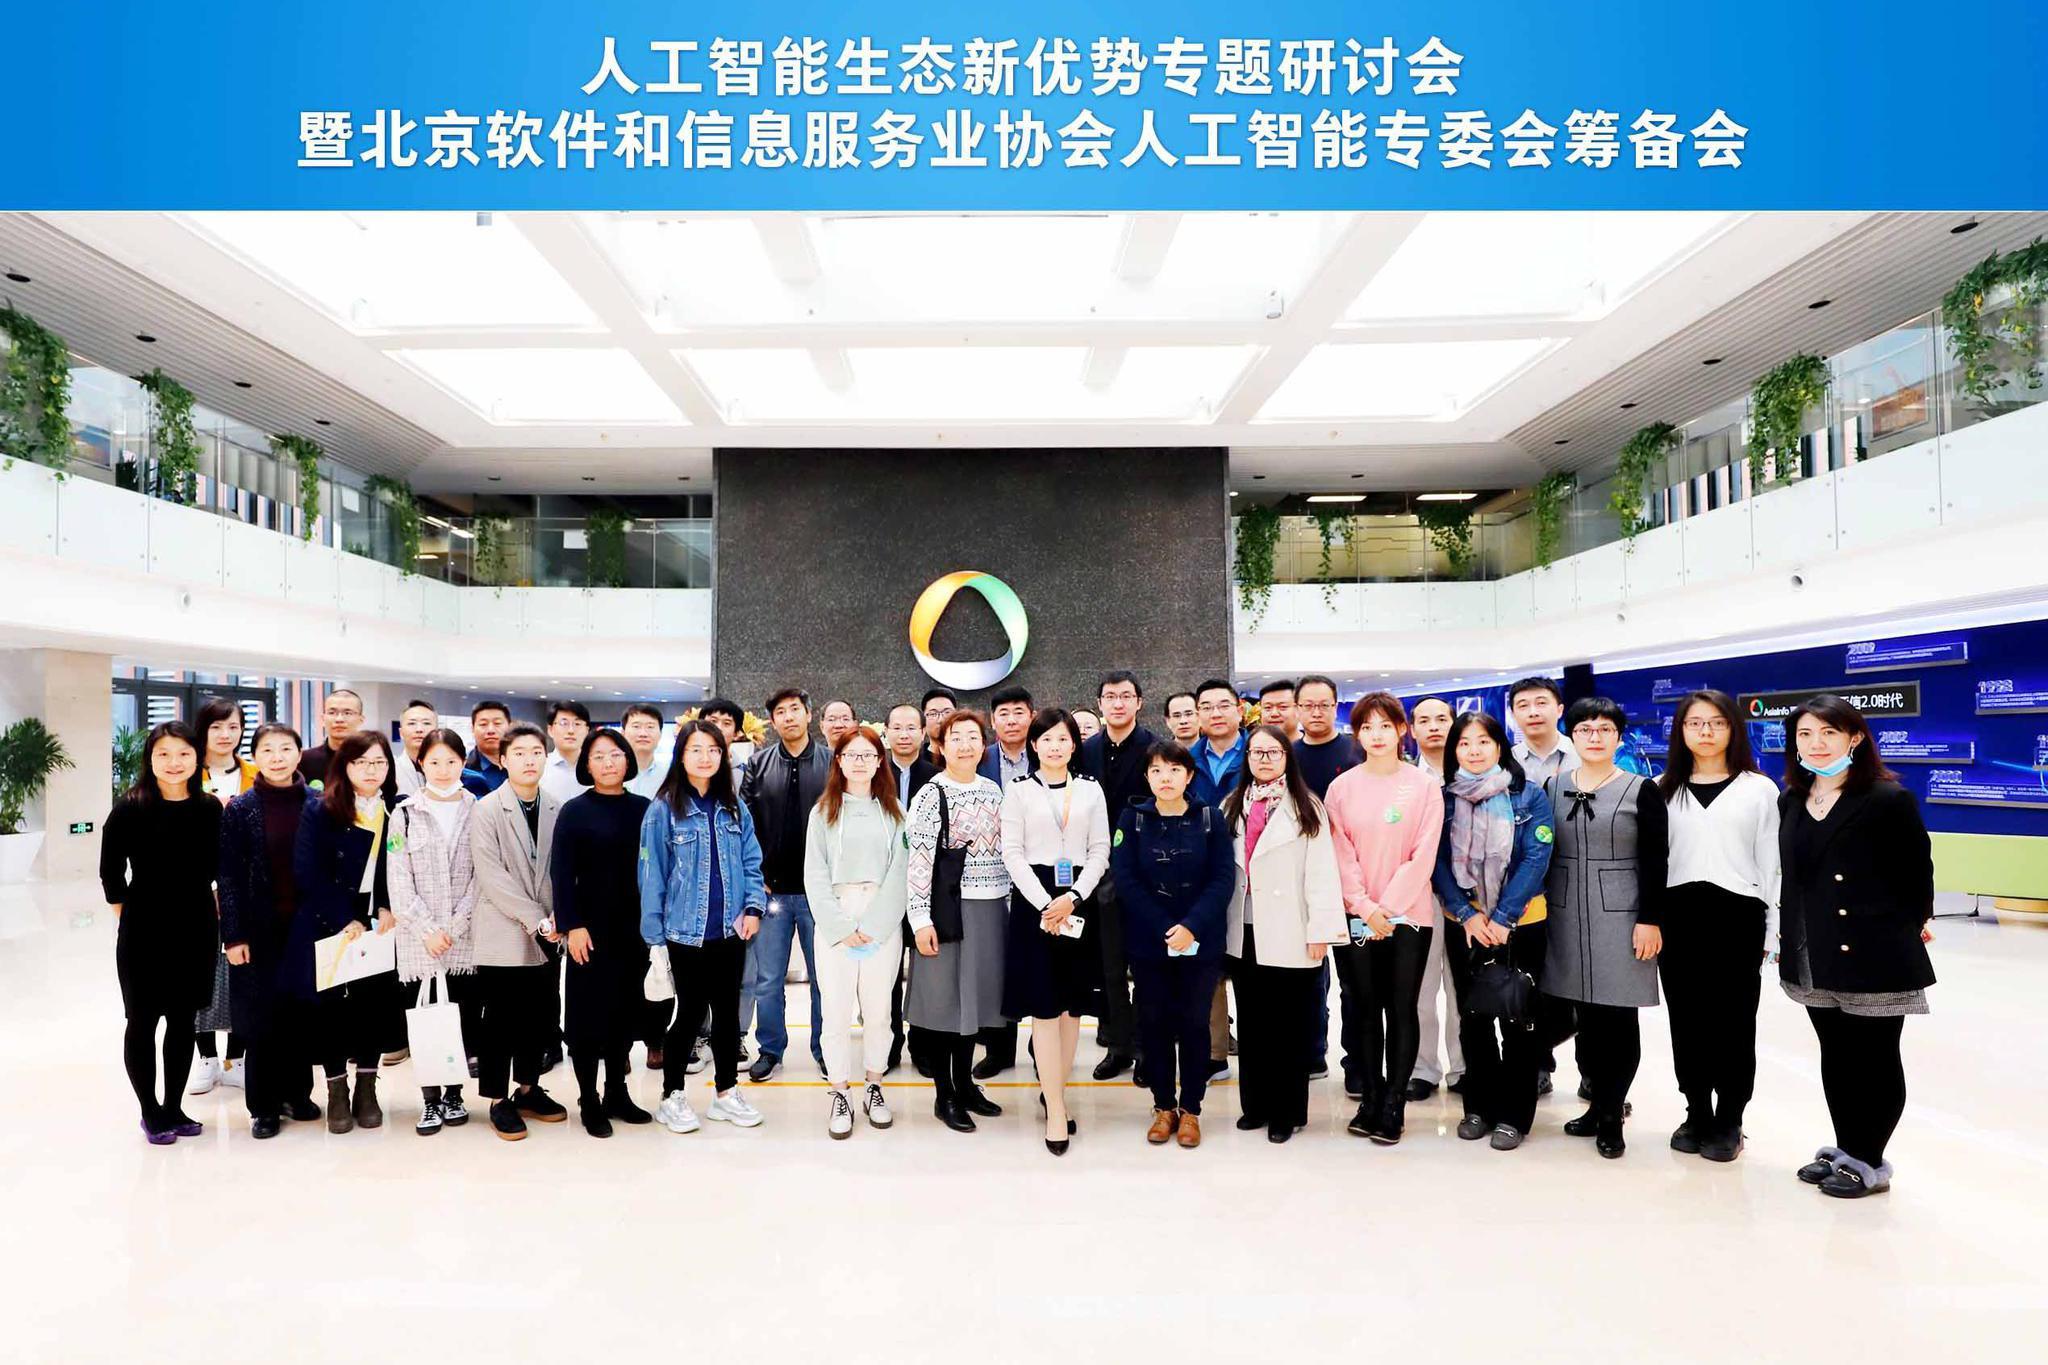 北京软协筹备成立人工智能专委会,推选亚信科技欧阳晔博士任会长